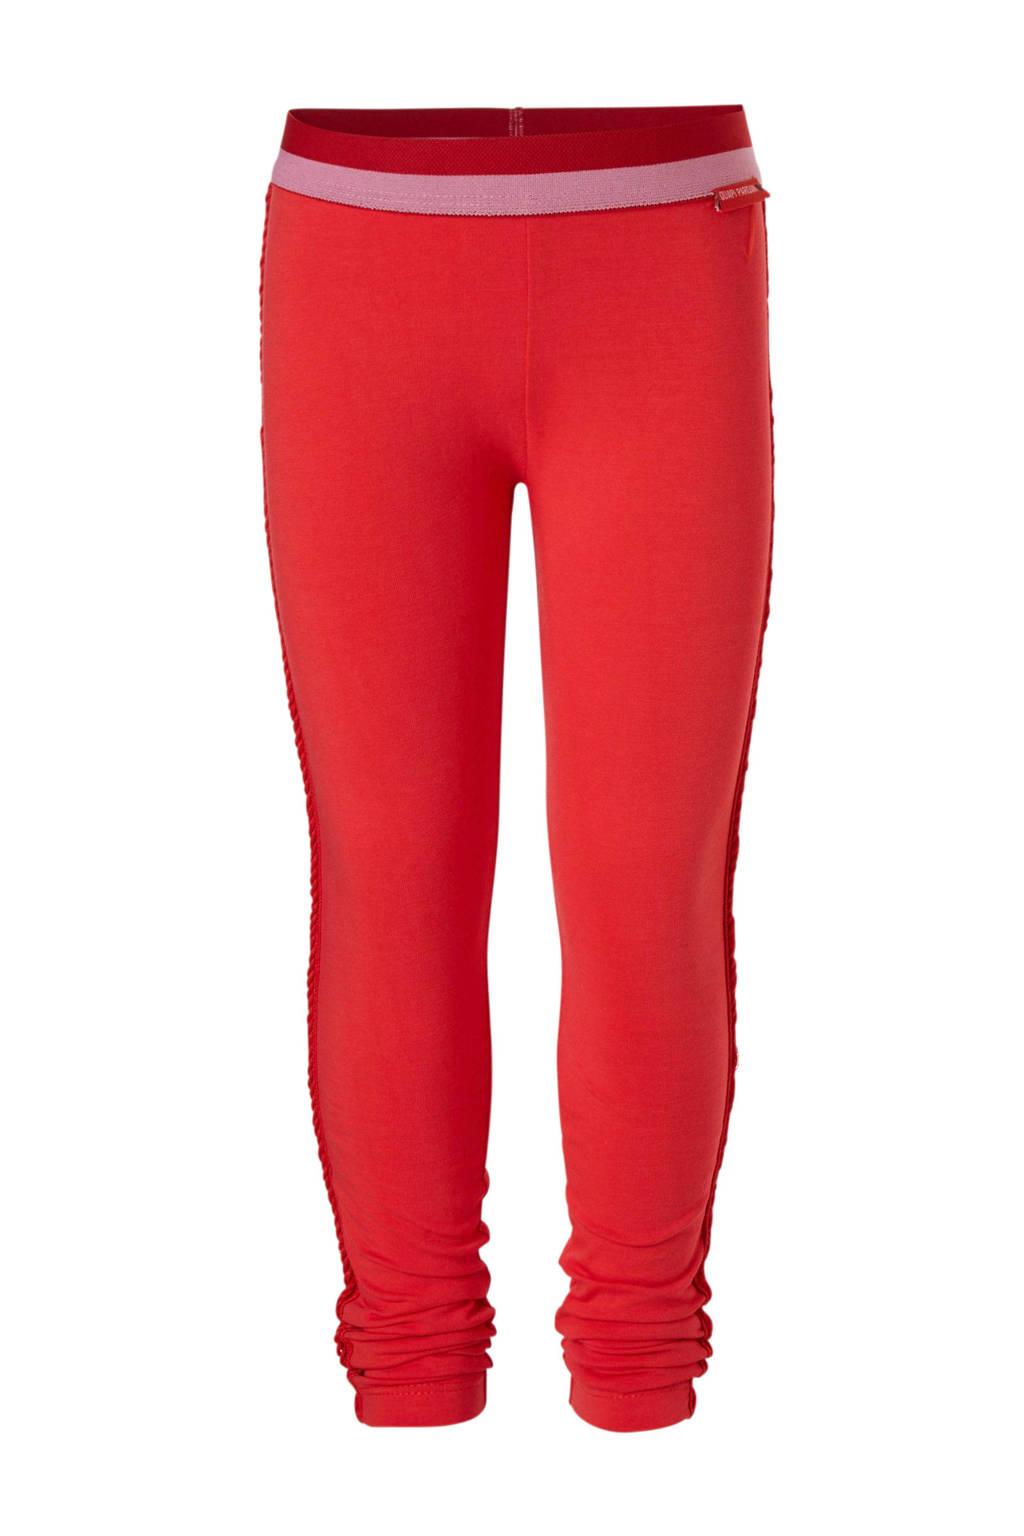 Quapi legging rood, Rood